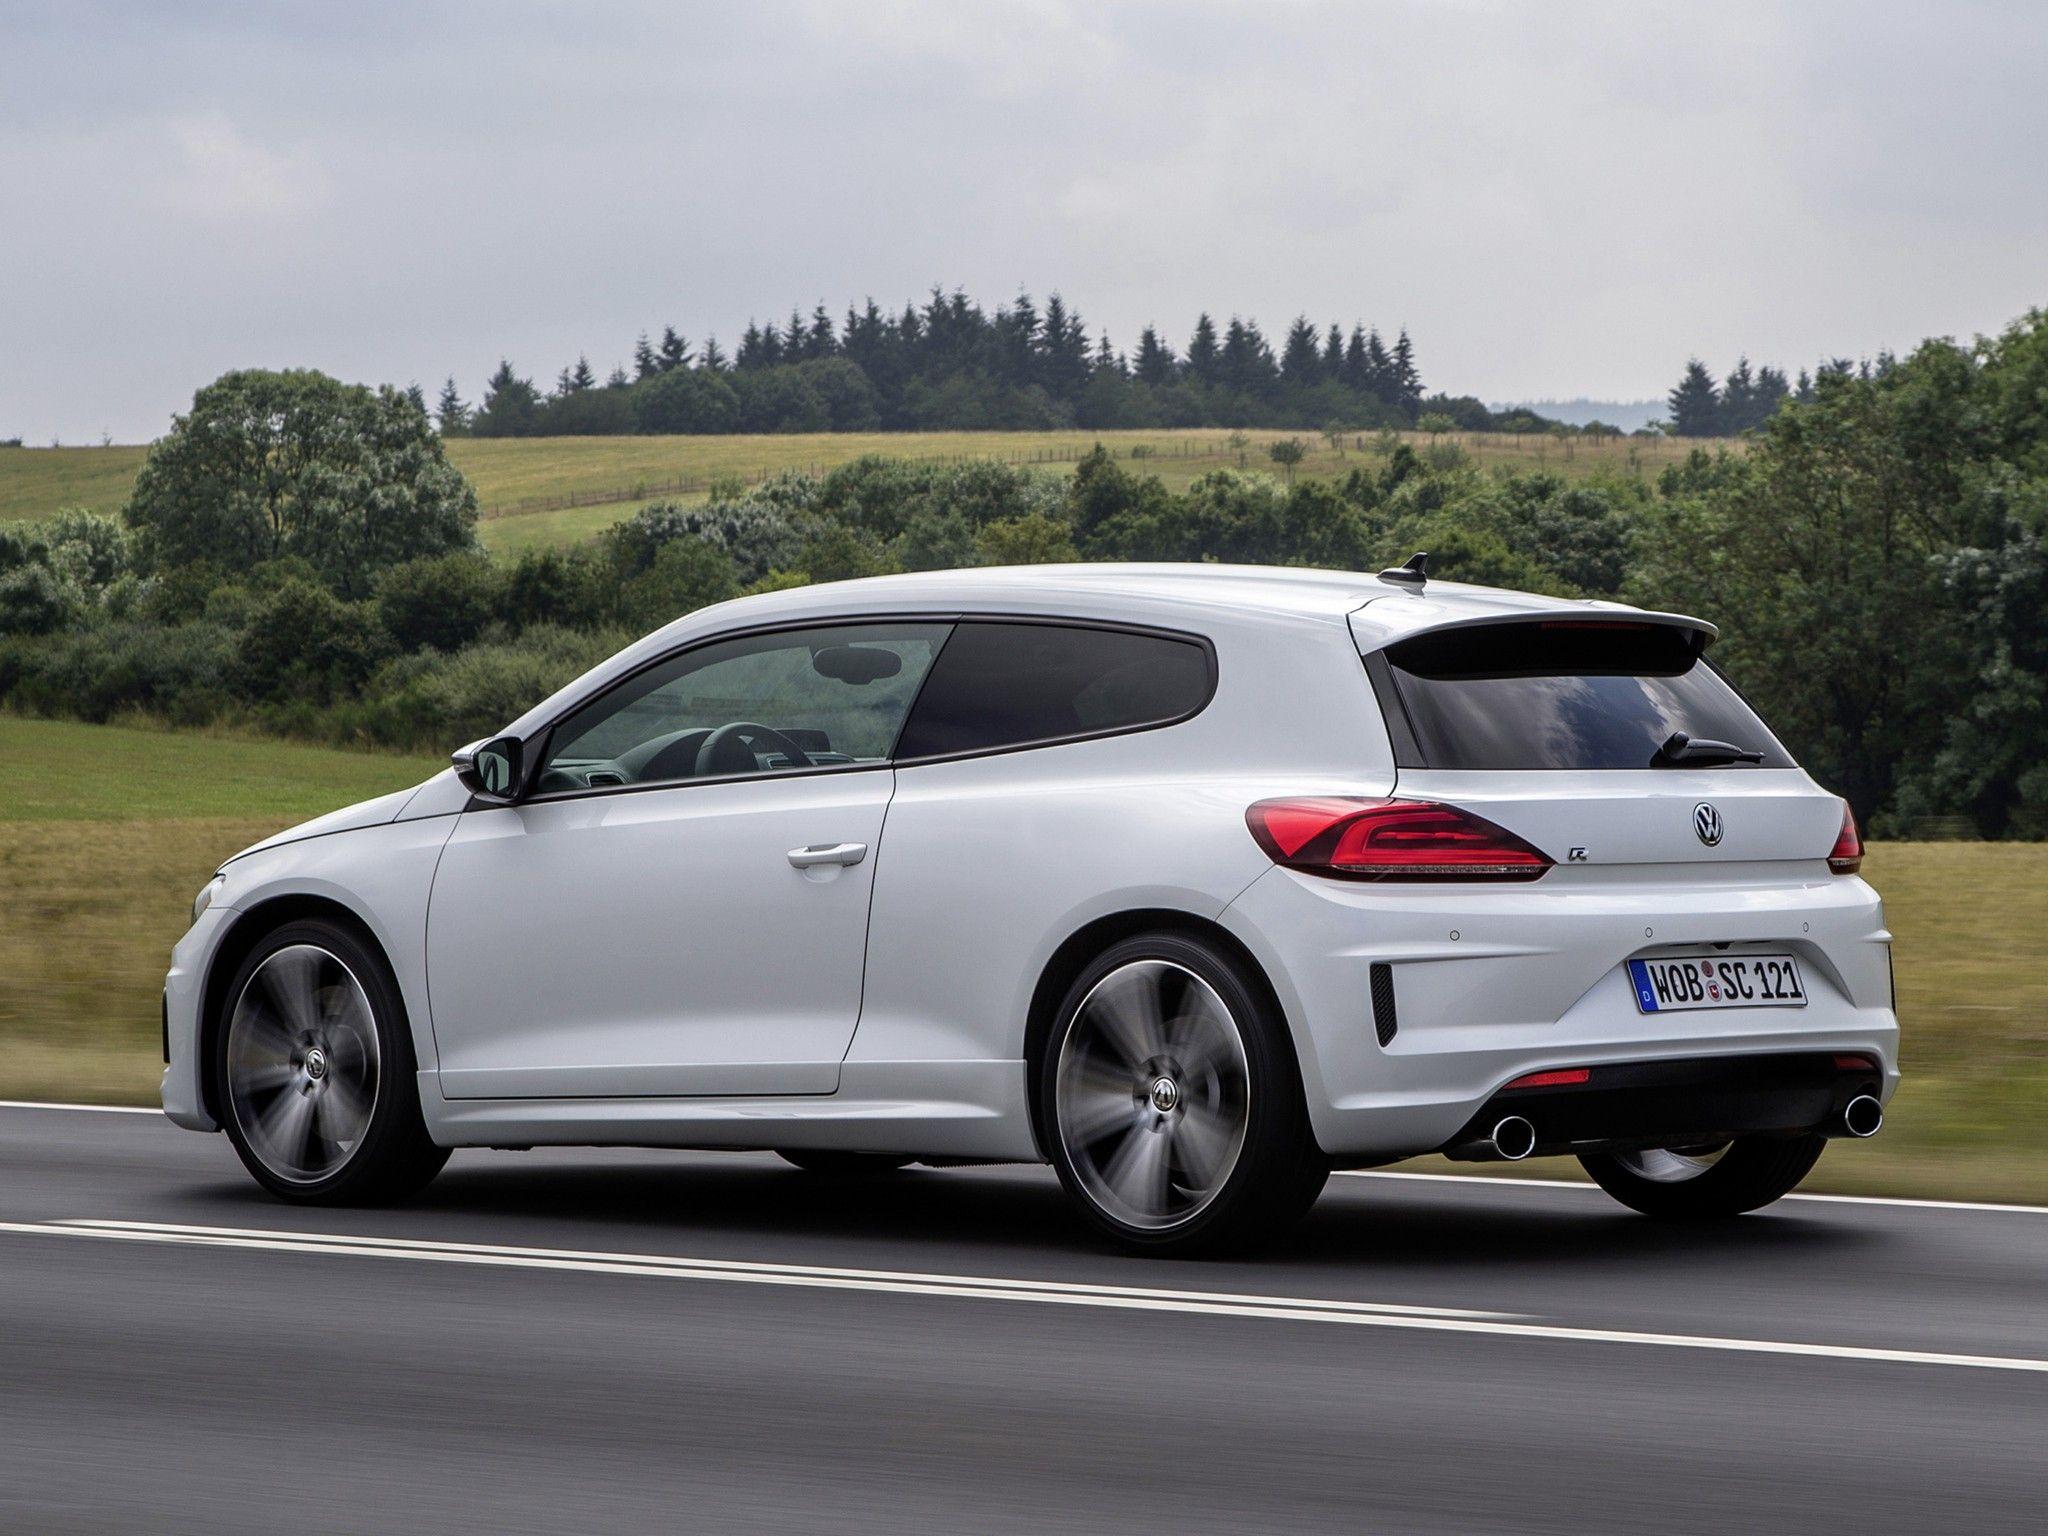 Volkswagen Scirocco R Specs Photos 2019 Rear Bumper Volkswagen Scirocco Vw Scirocco Volkswagen